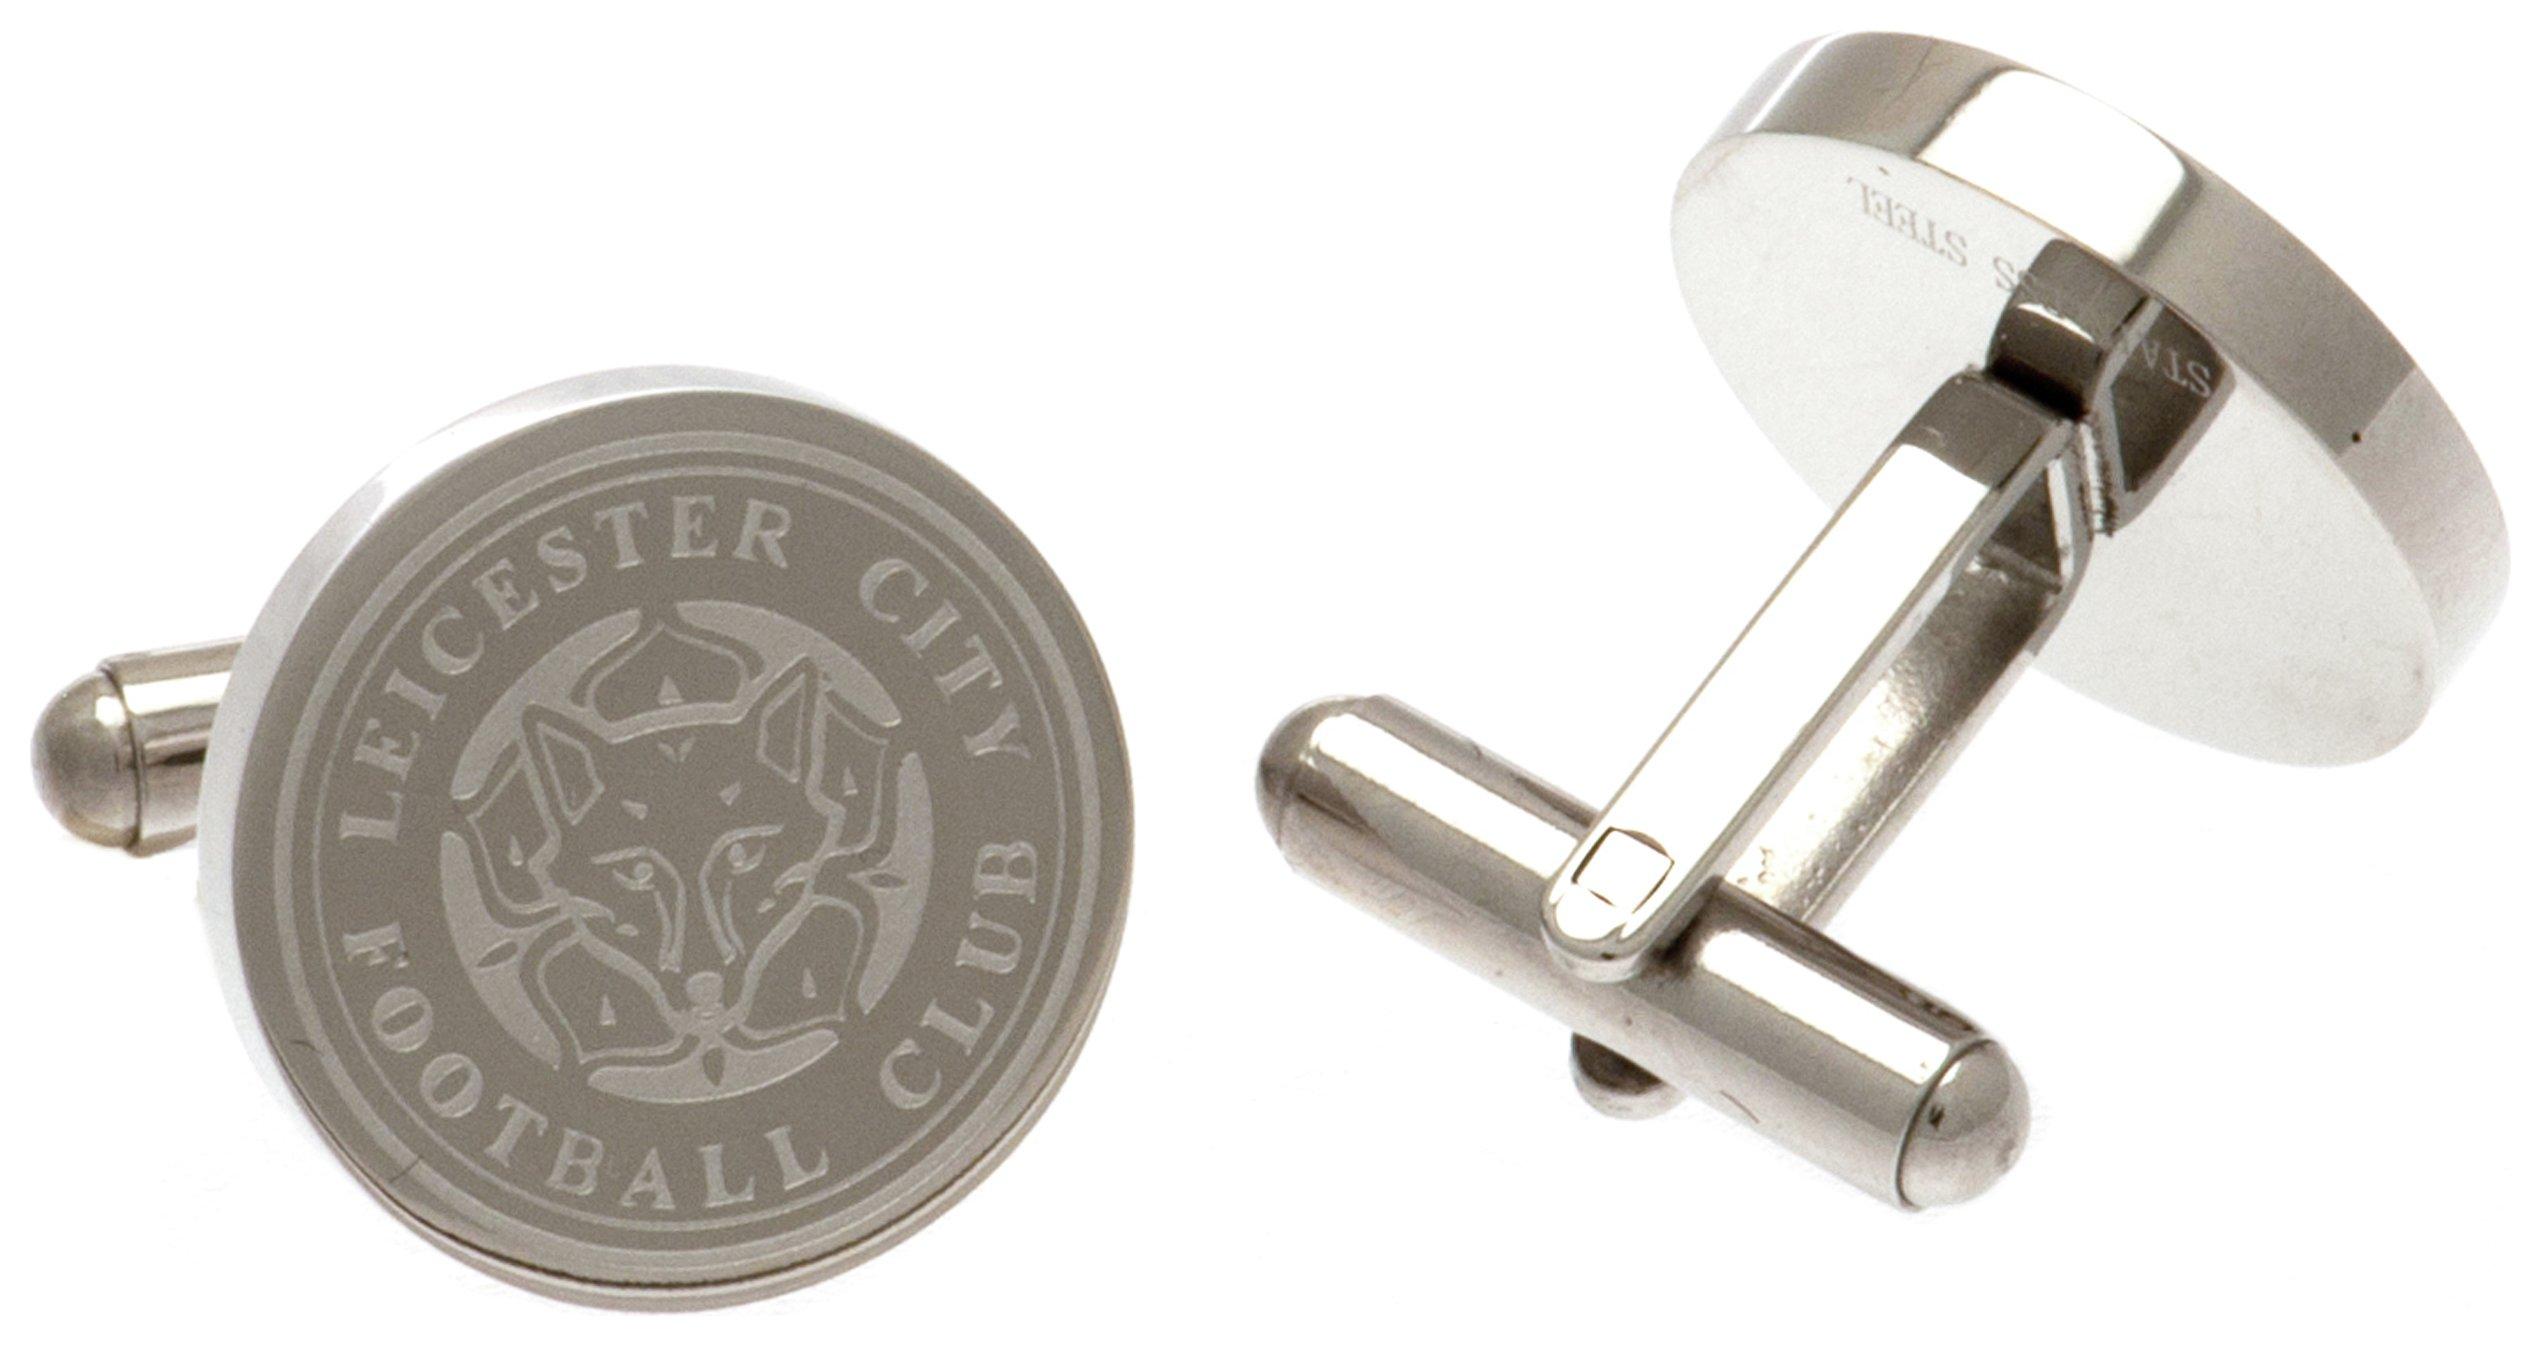 Stainless Steel Leicester City Crest Round Cufflinks.